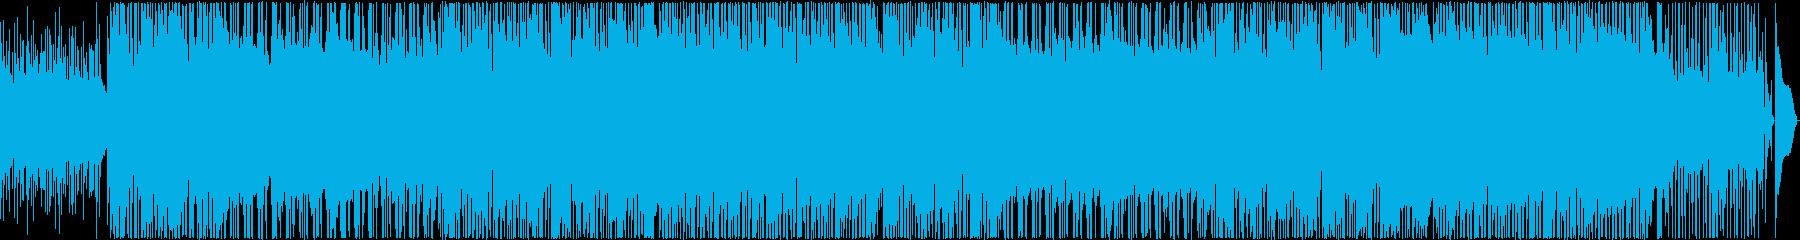 眩しい光を感じる16ビートフュージョンの再生済みの波形